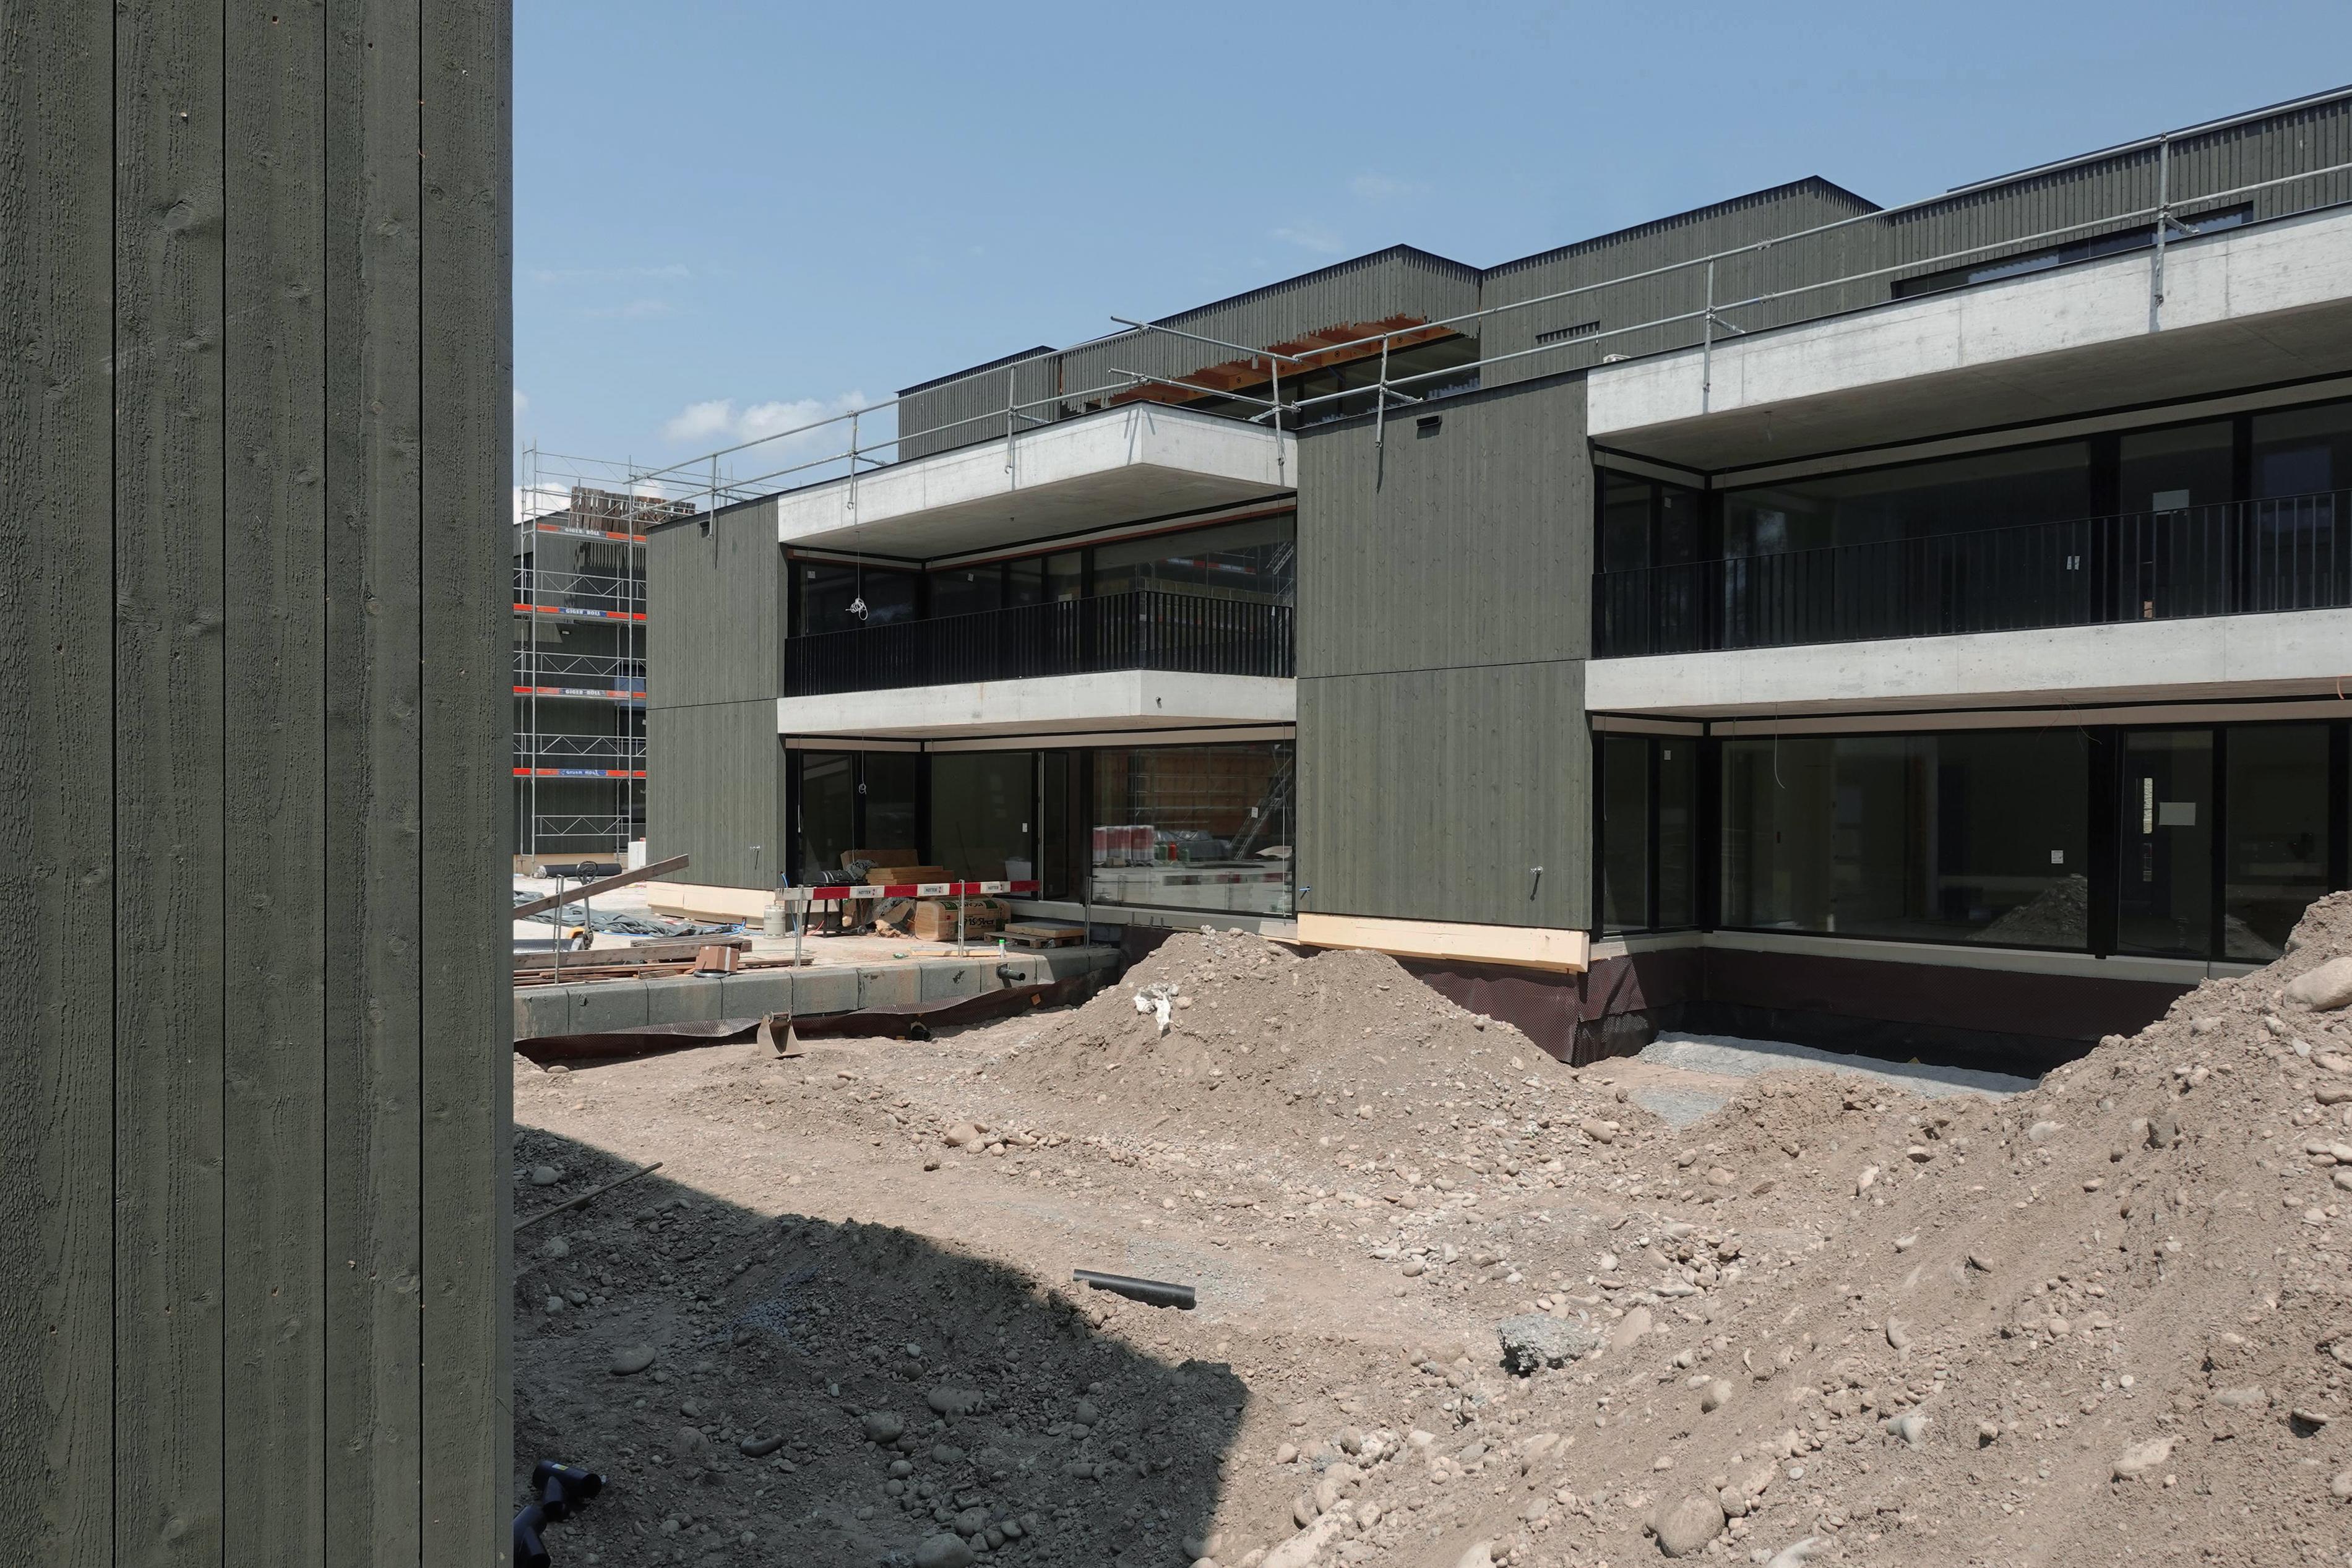 Aareblick, Niedergösgen - Fertigstellung Fassadenbau